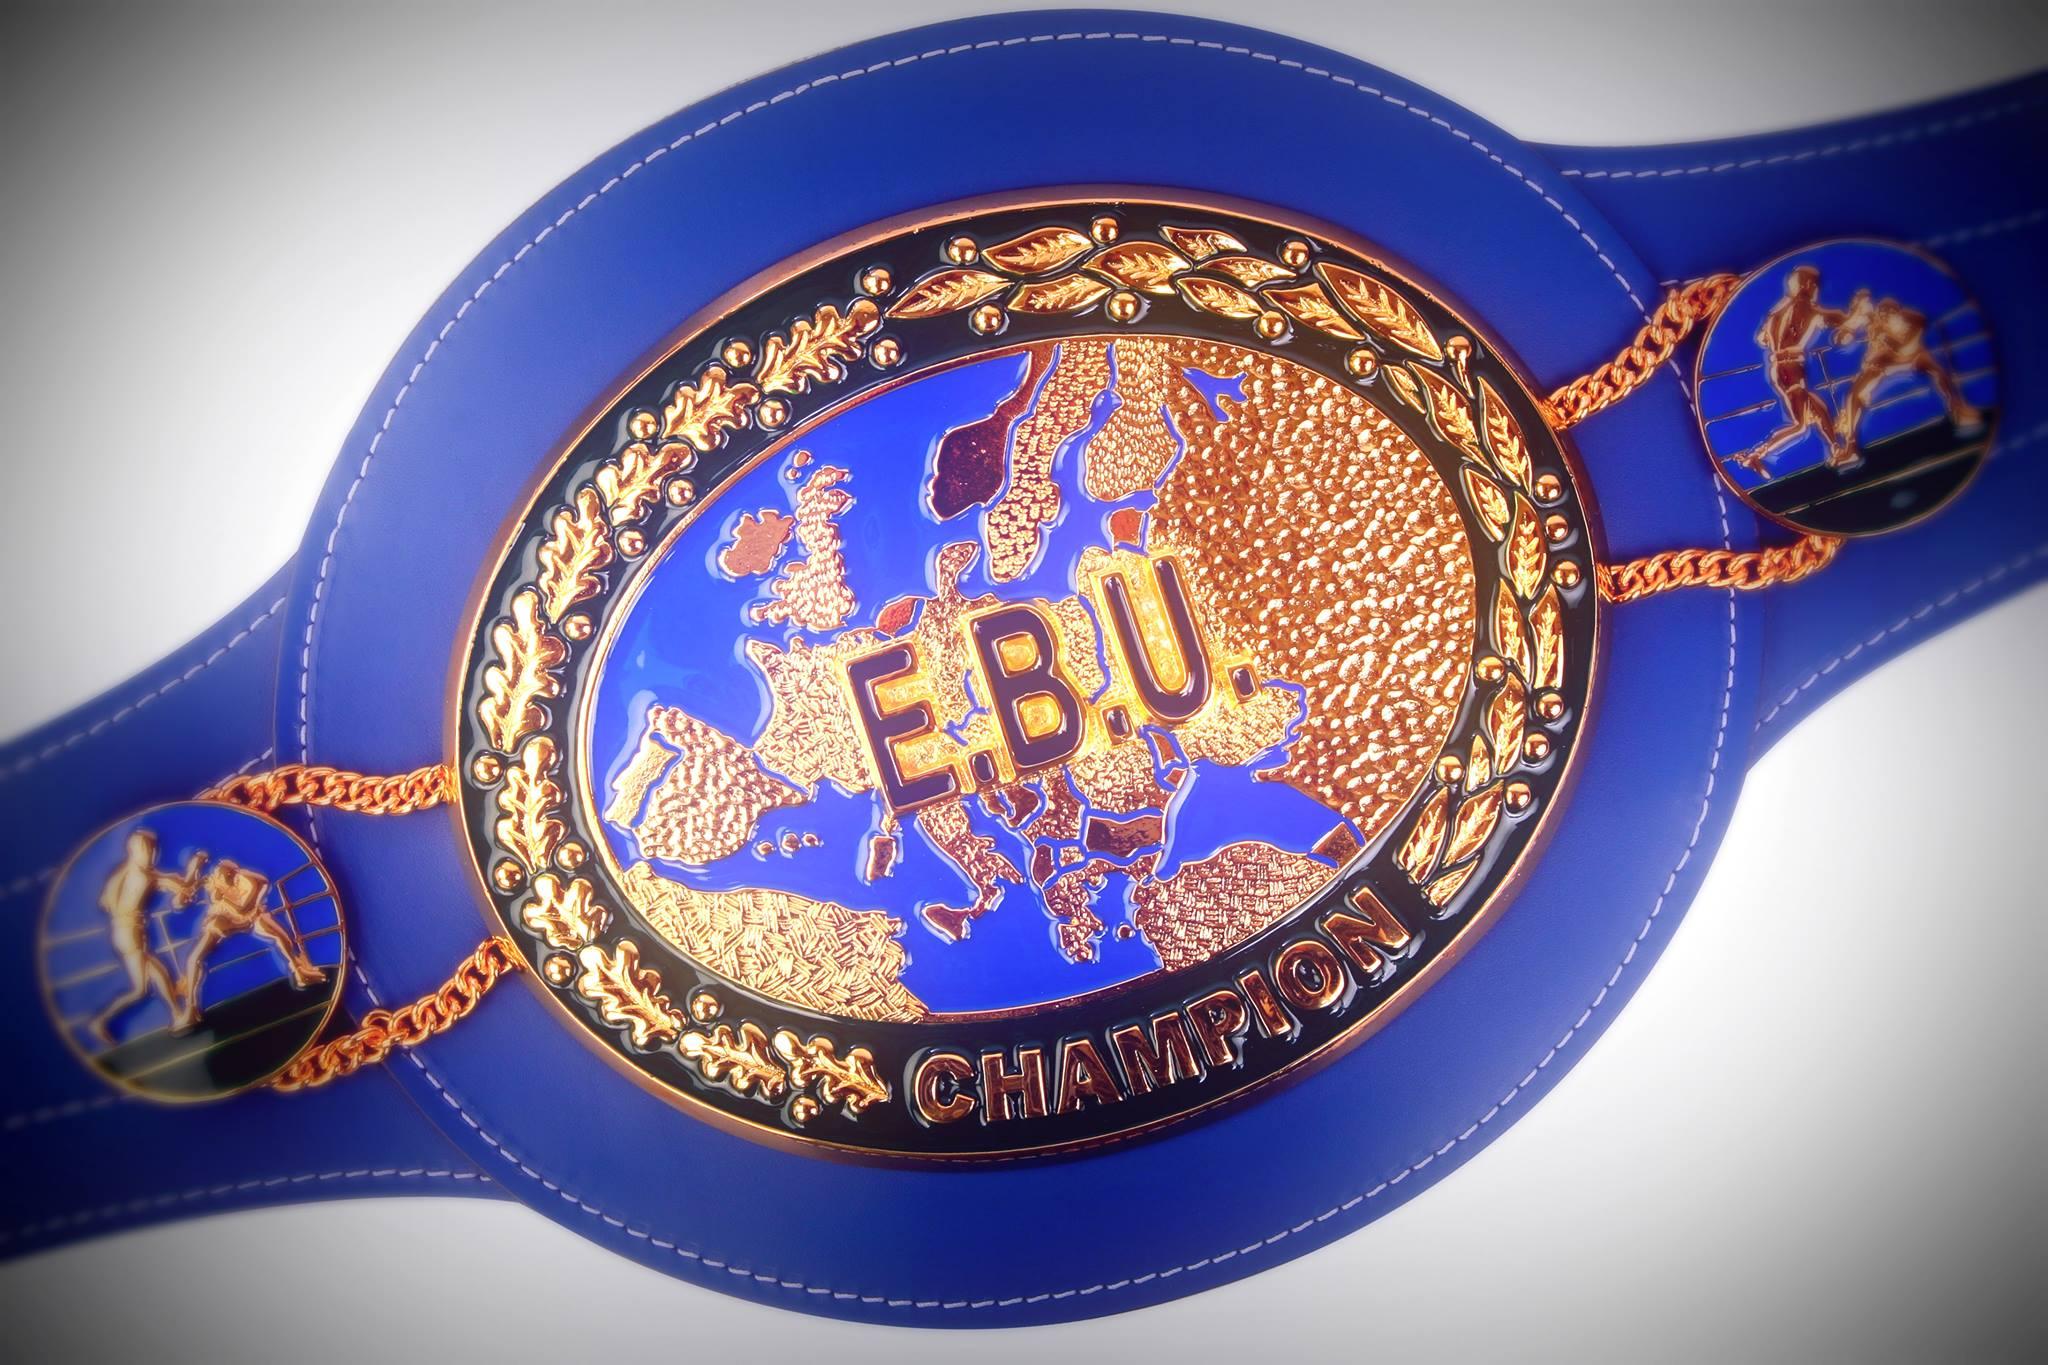 EBU-BELT